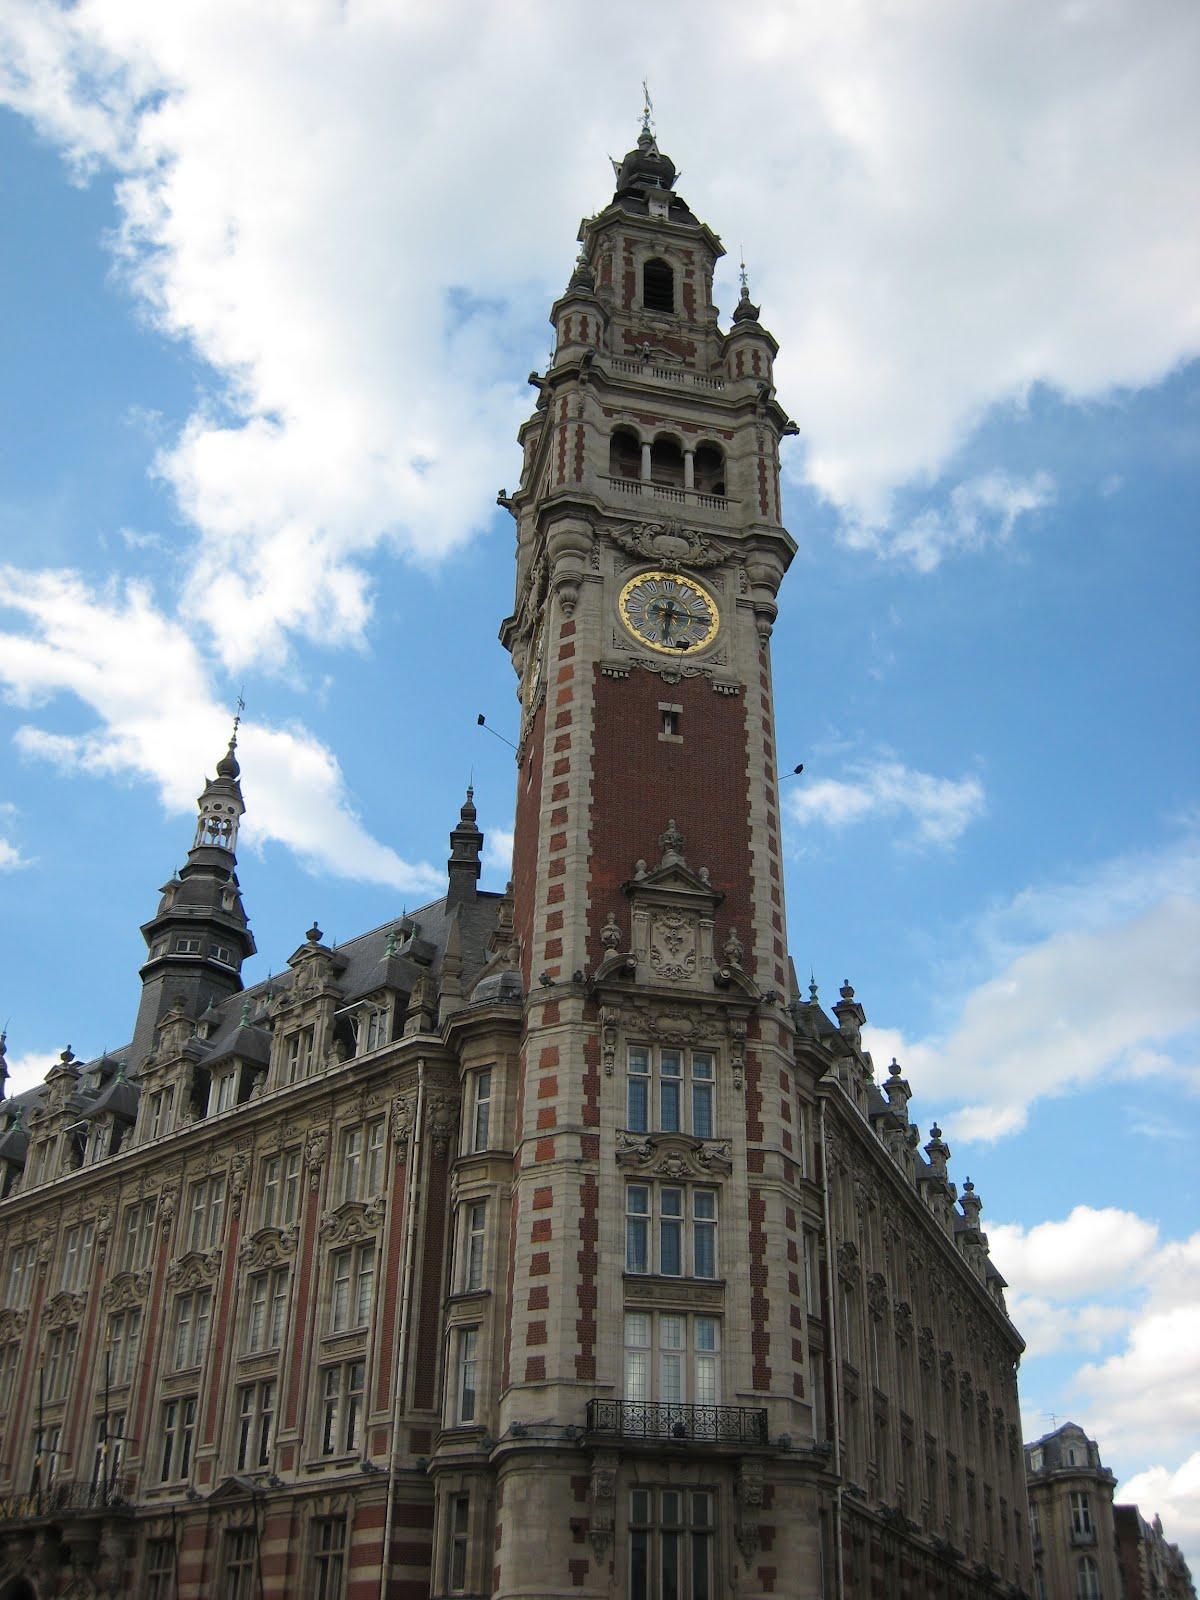 Lille 5 april cultuur van lille - Chambre du commerce lille ...